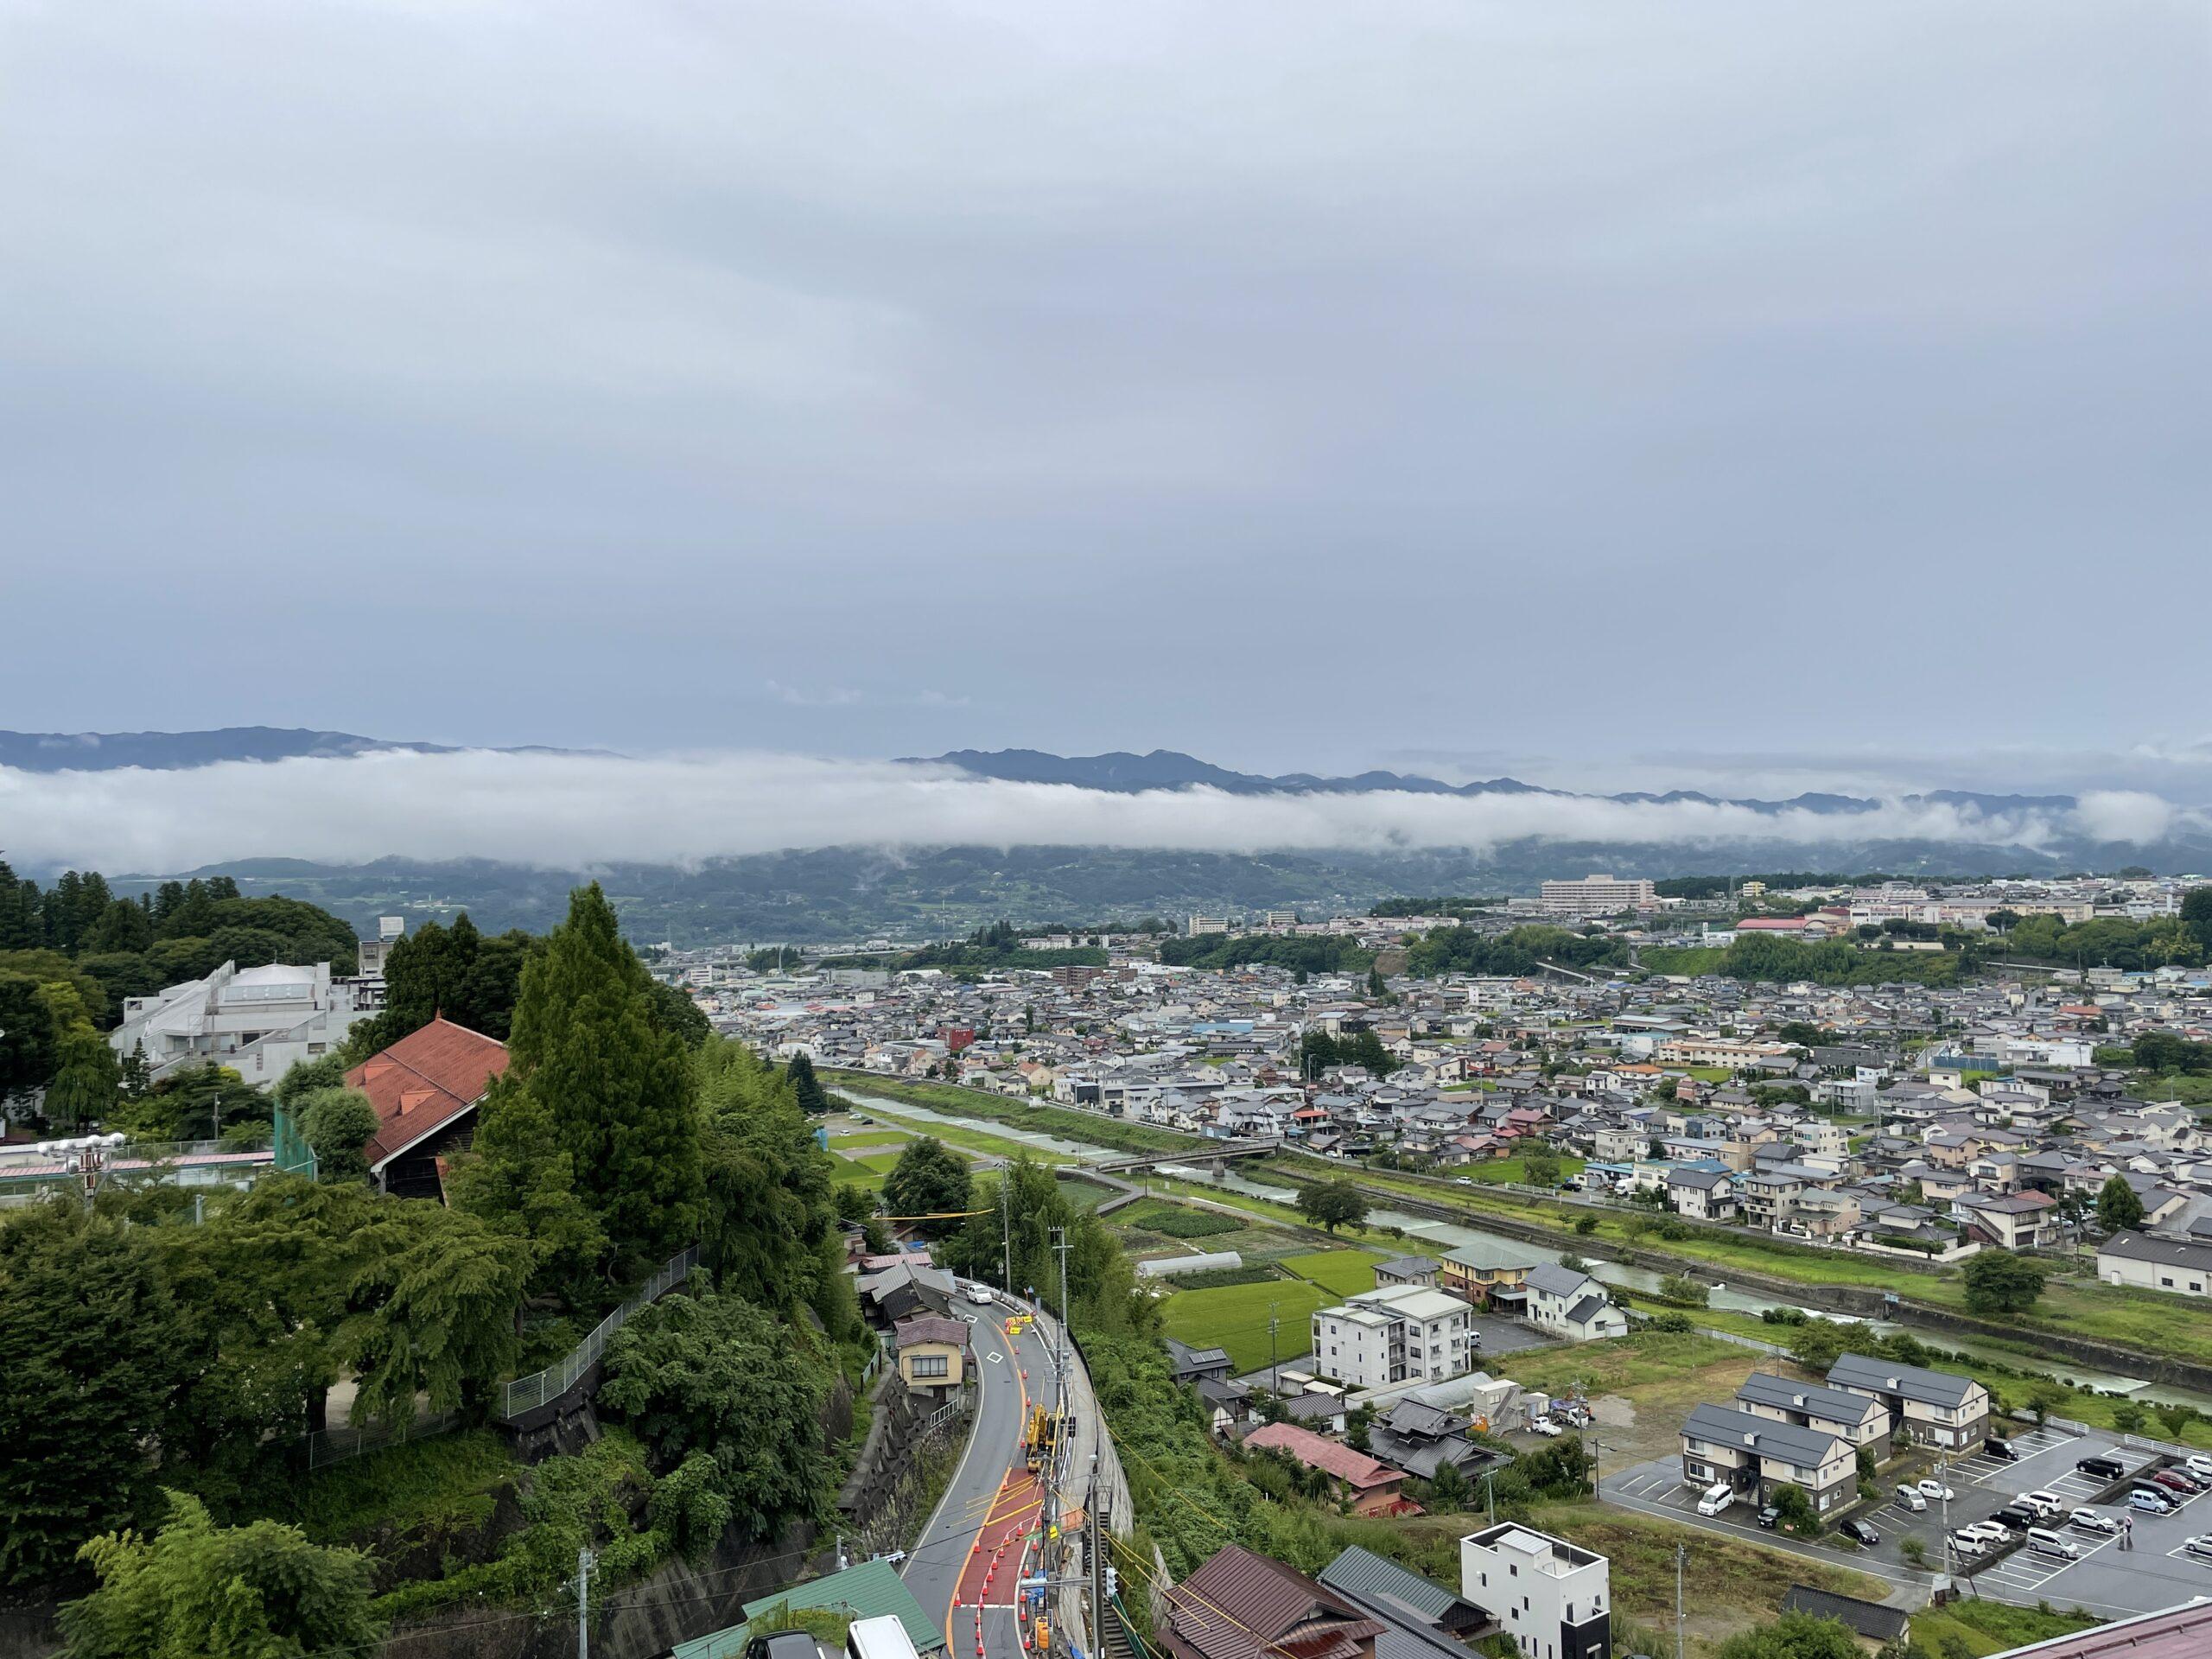 Blick vom Zentrum auf die Stadt und die Berge der Umgebung von Iida